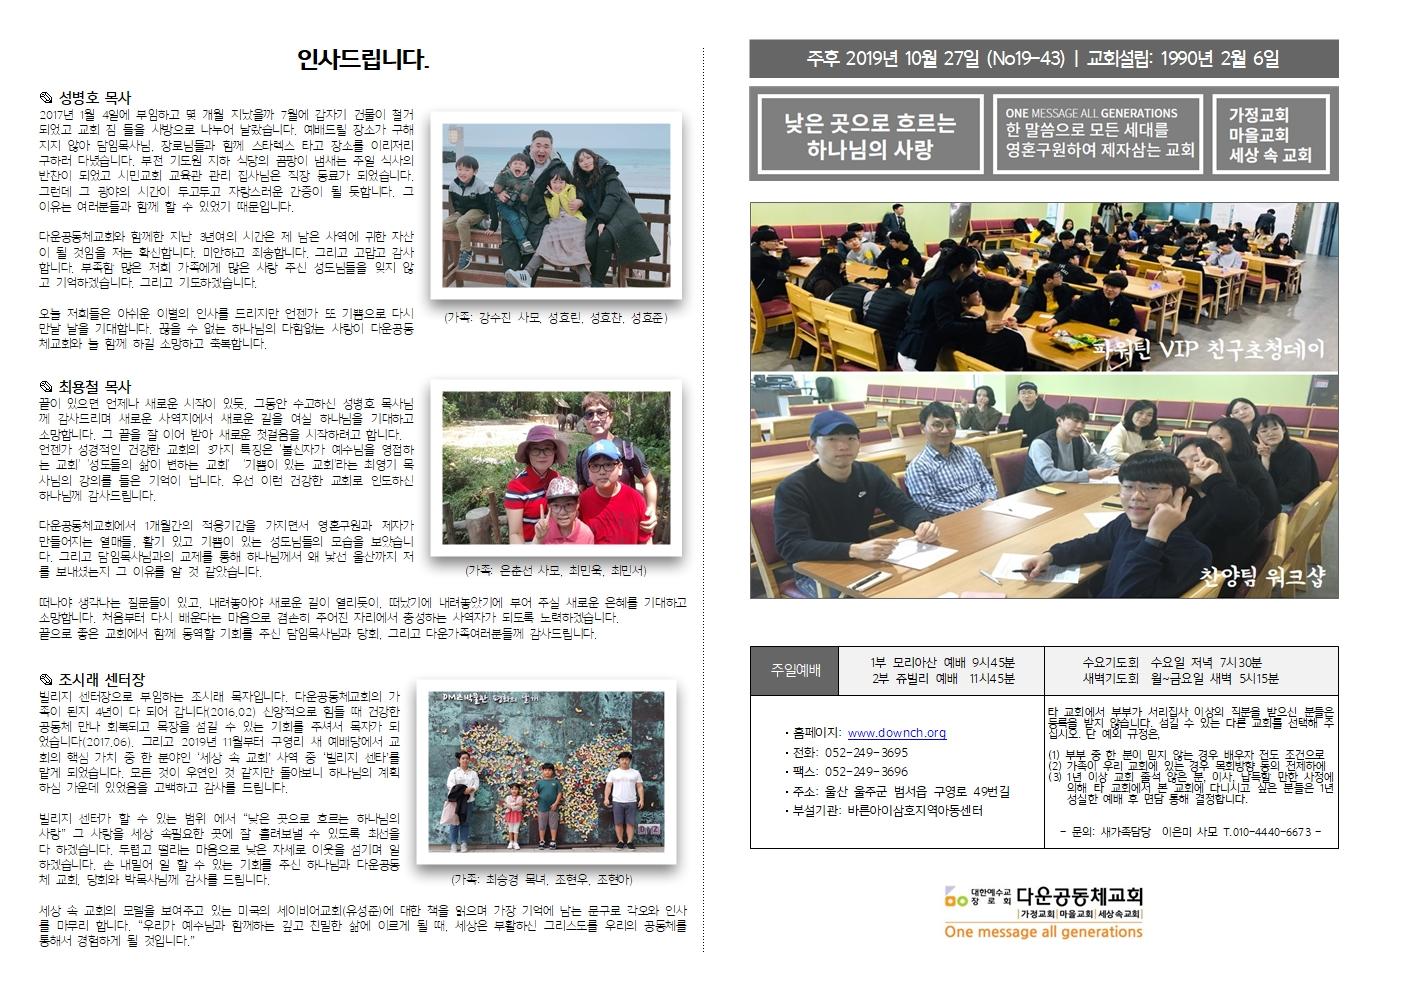 001_구영리교회주보_2019_09-10월017.jpg